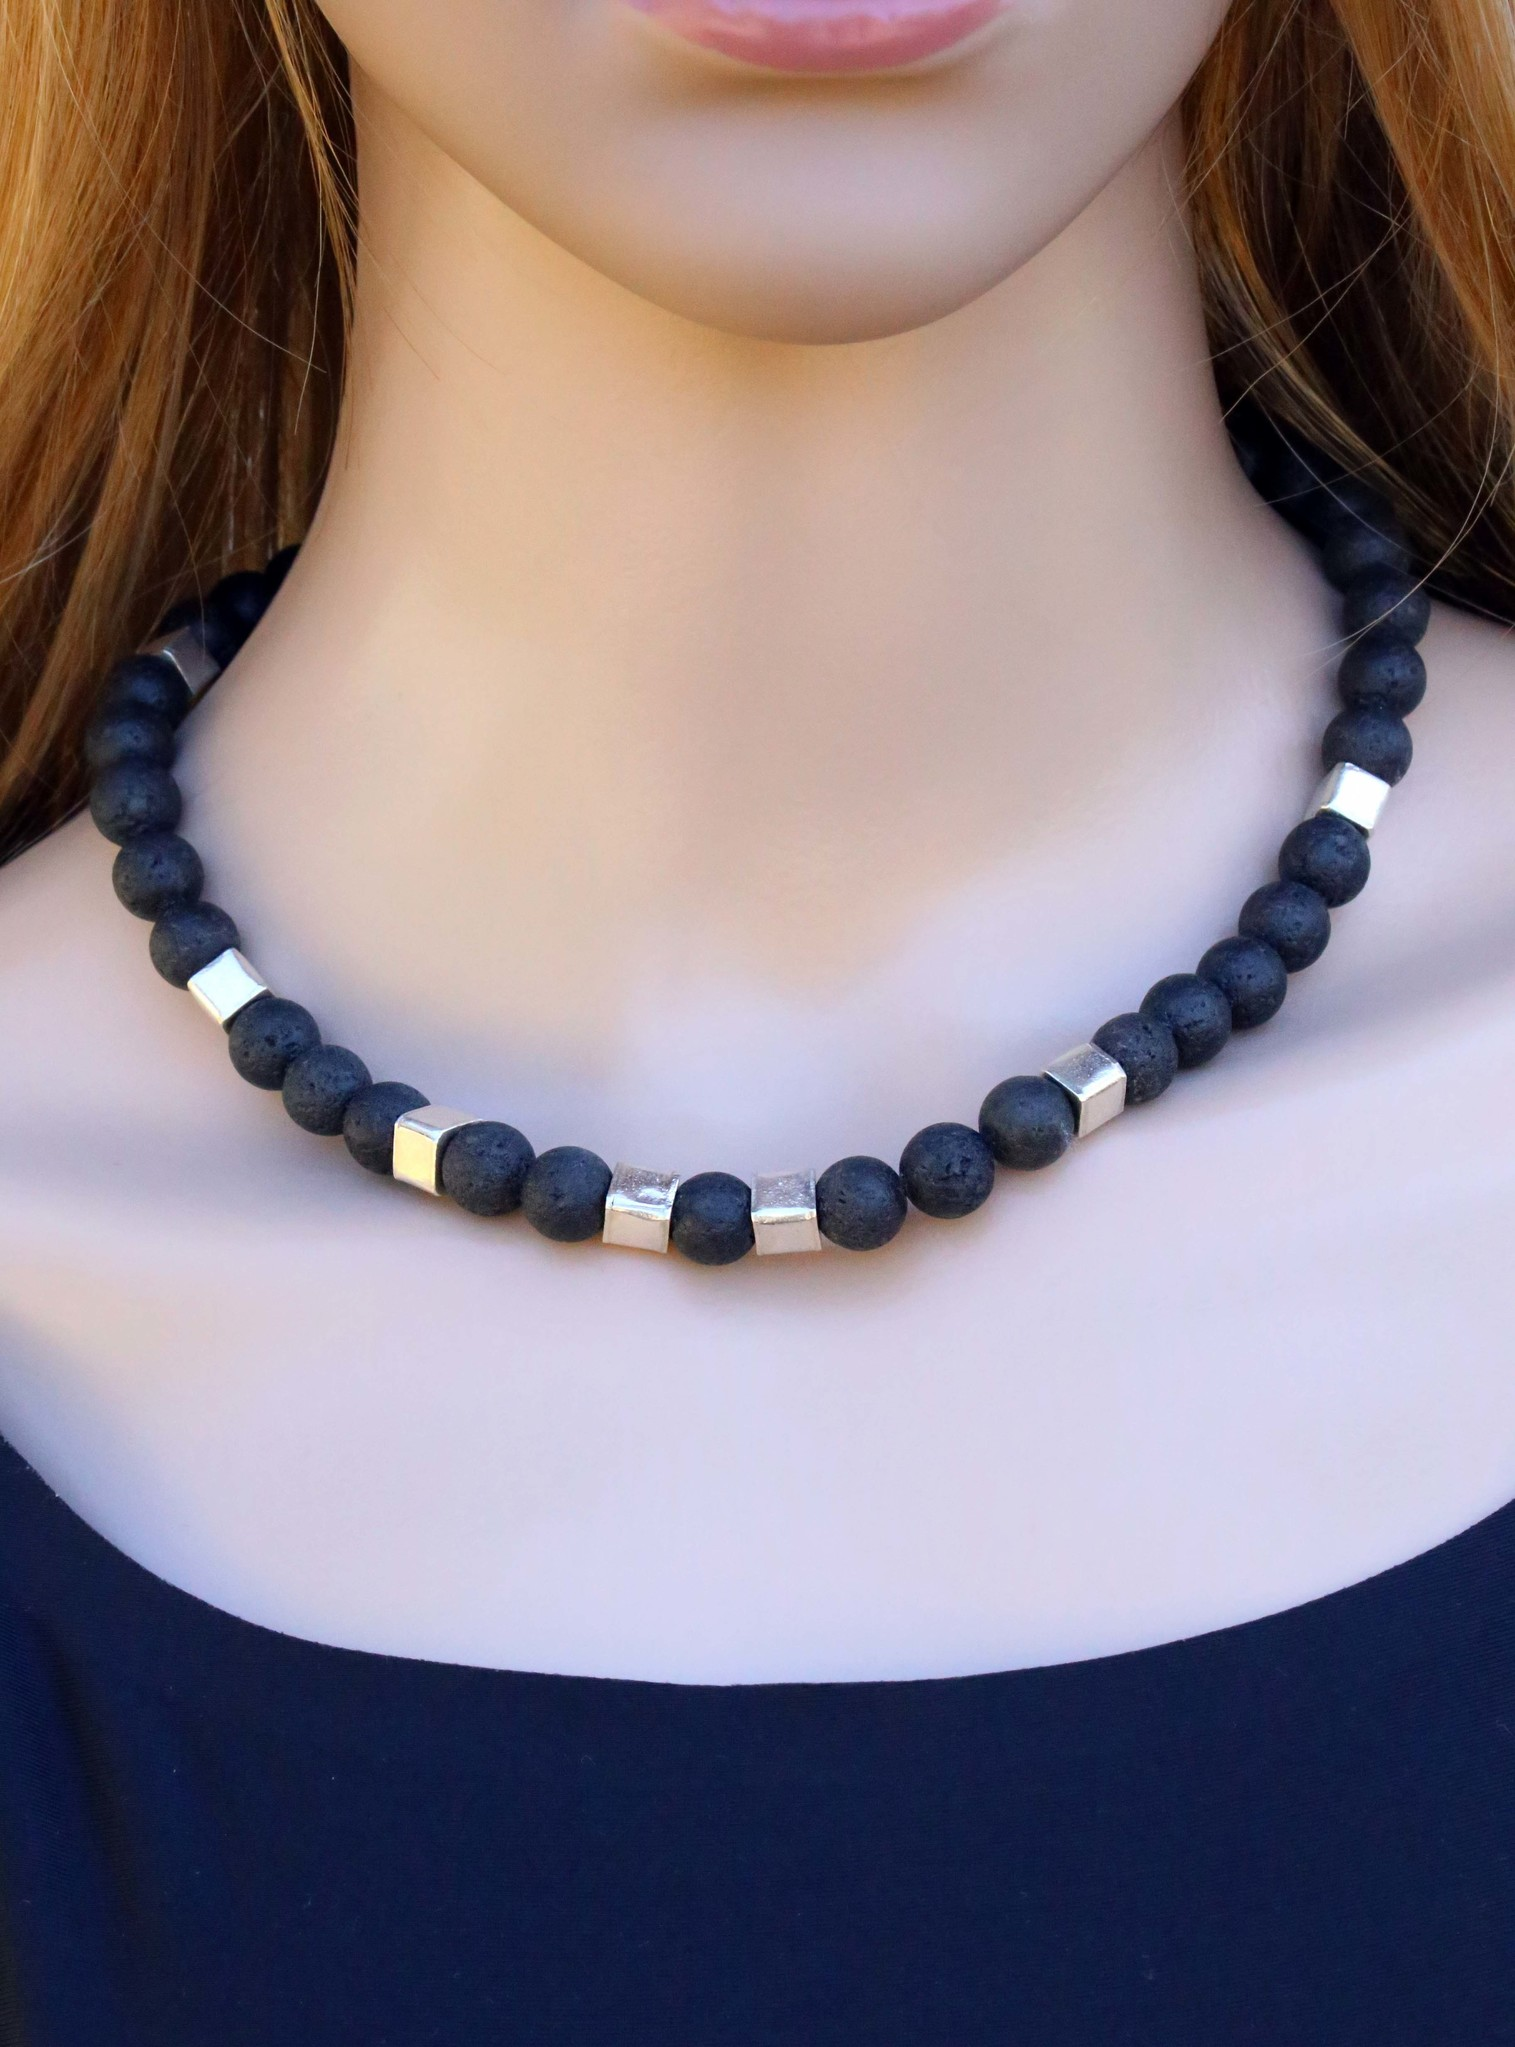 Halskette aus Lavasteinkugeln und Silberwürfeln, groß